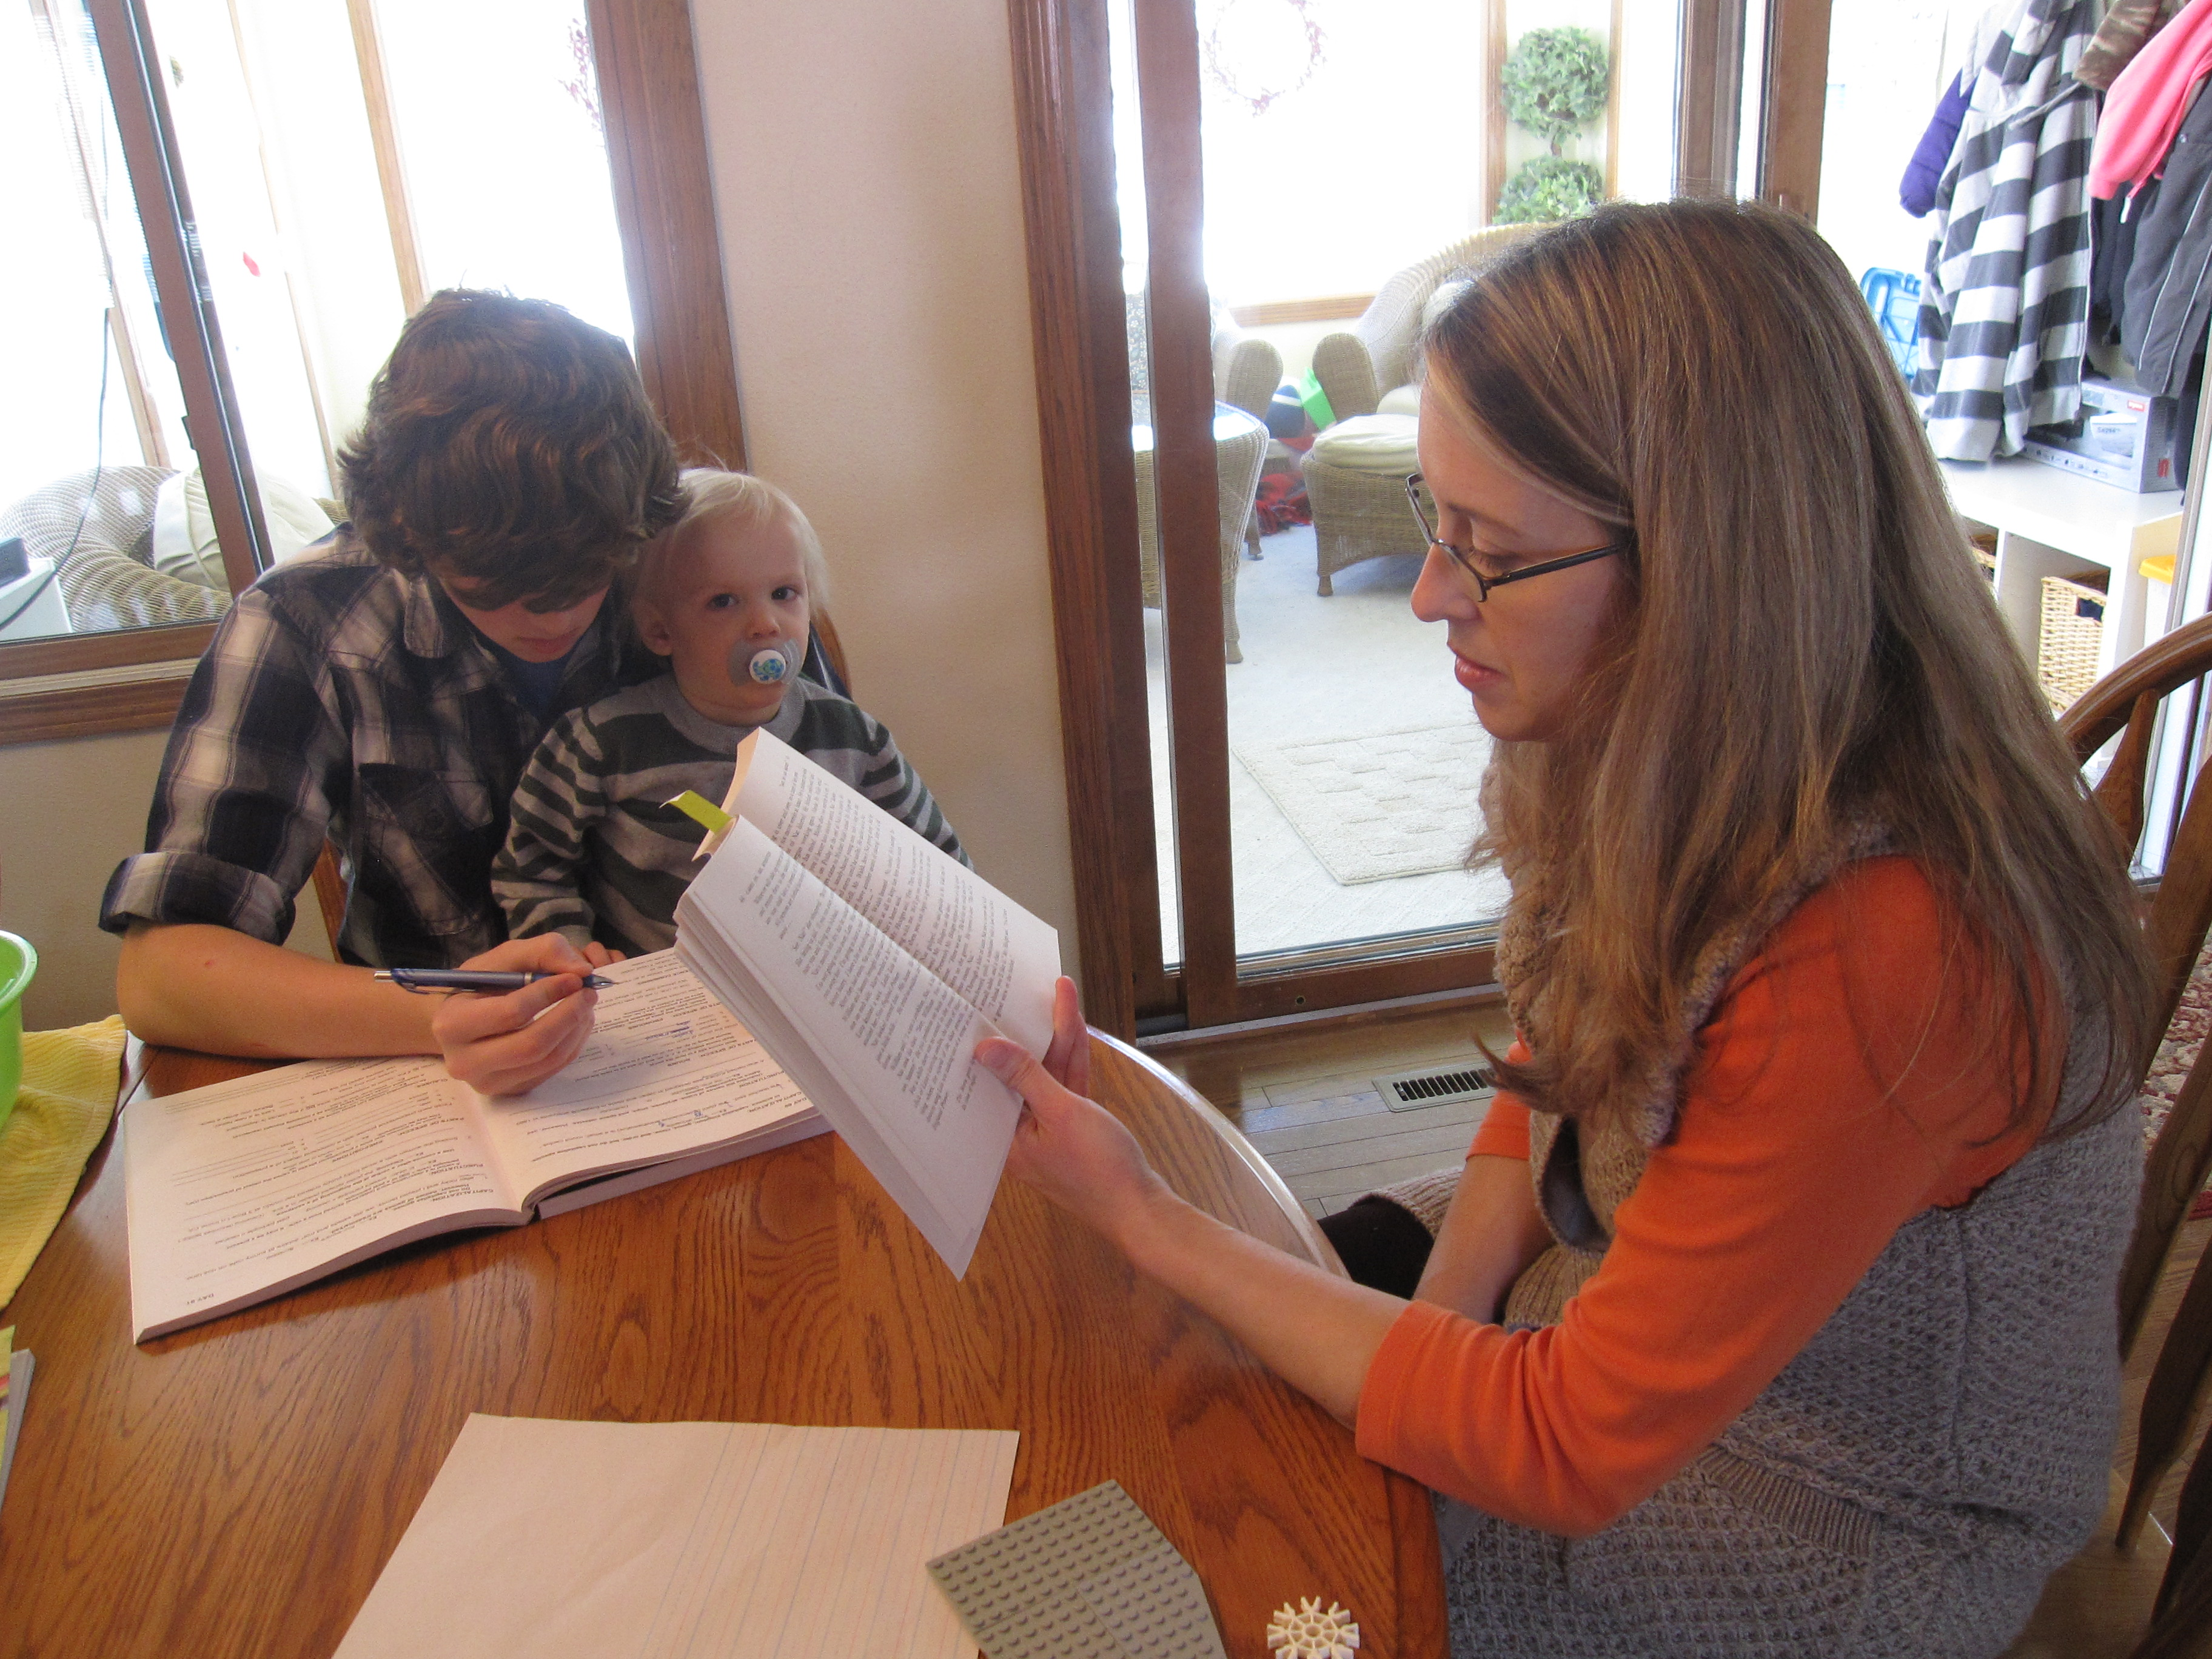 In der Familie Gustoff in Des Moines (USA) macht die Mutter die Lehrerin. Foto: IowaPolitics.com (Flickr)